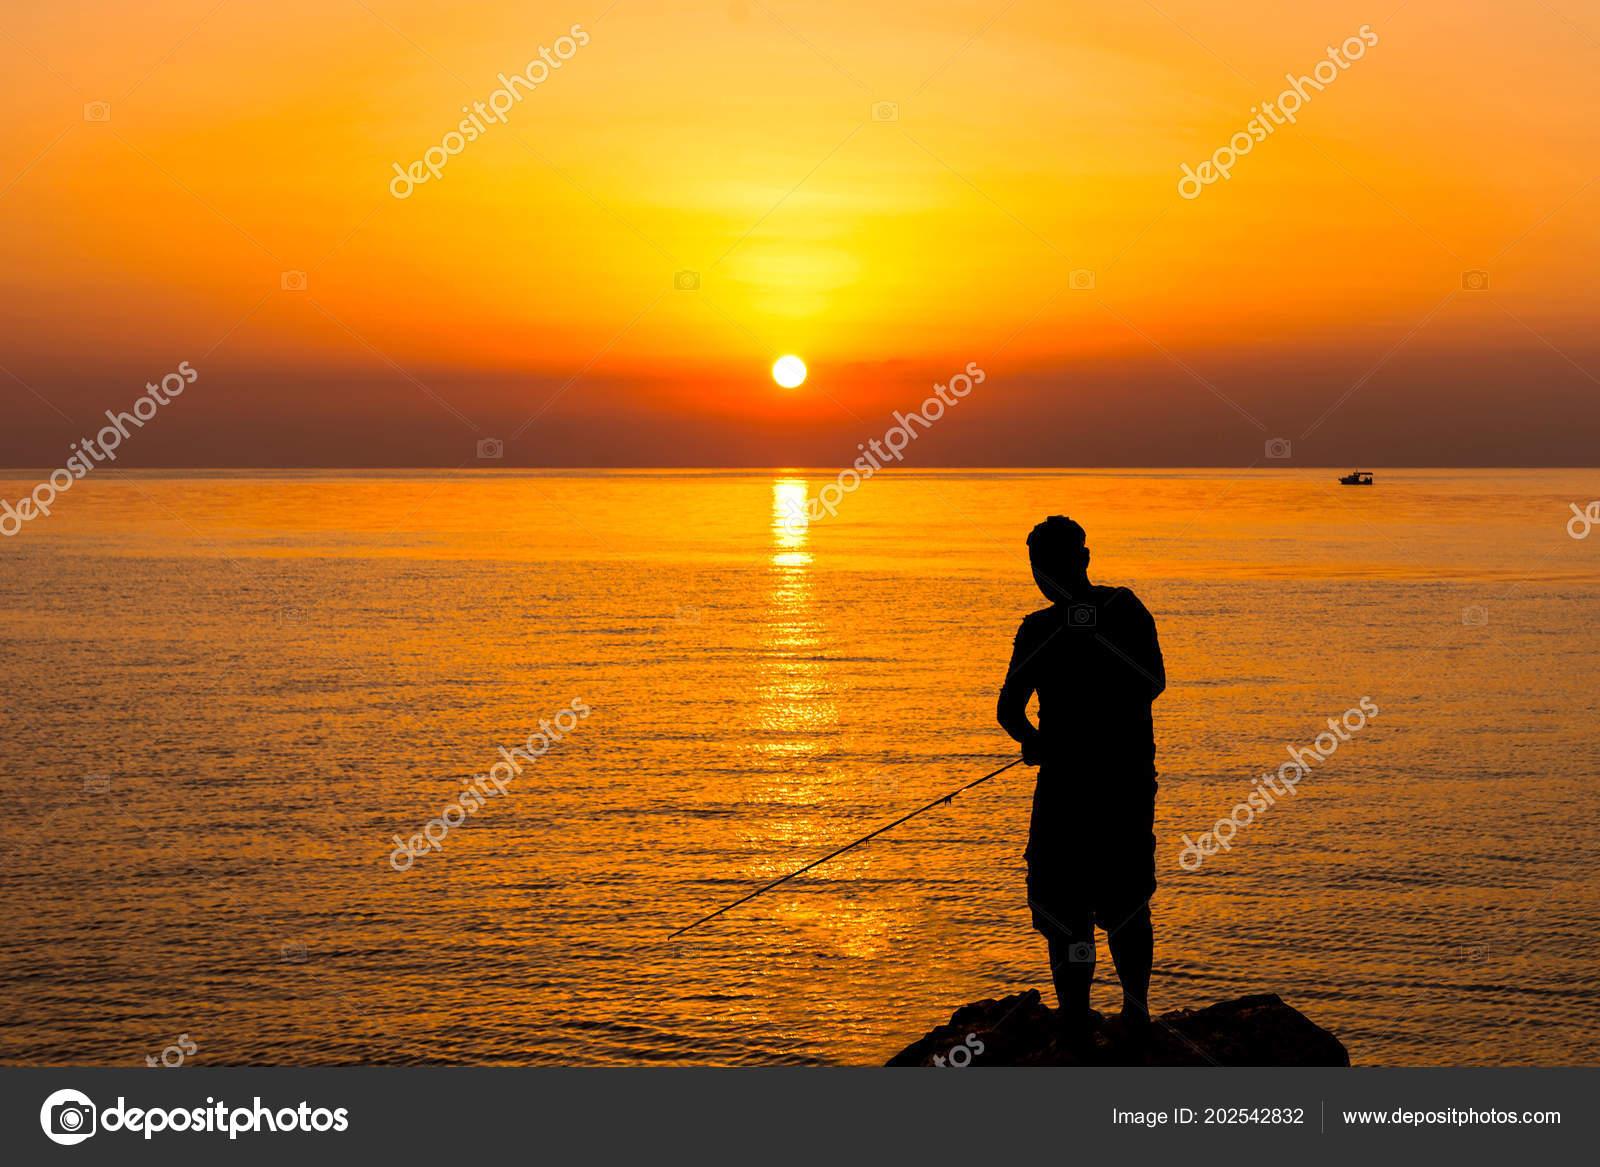 Siluetta di un pescatore in riva al mare. Un uomo con una canna da pesca è  in piedi su una pietra vicino all acqua. Pesca all alba. Sole del mattino. 59dbb3b571d7